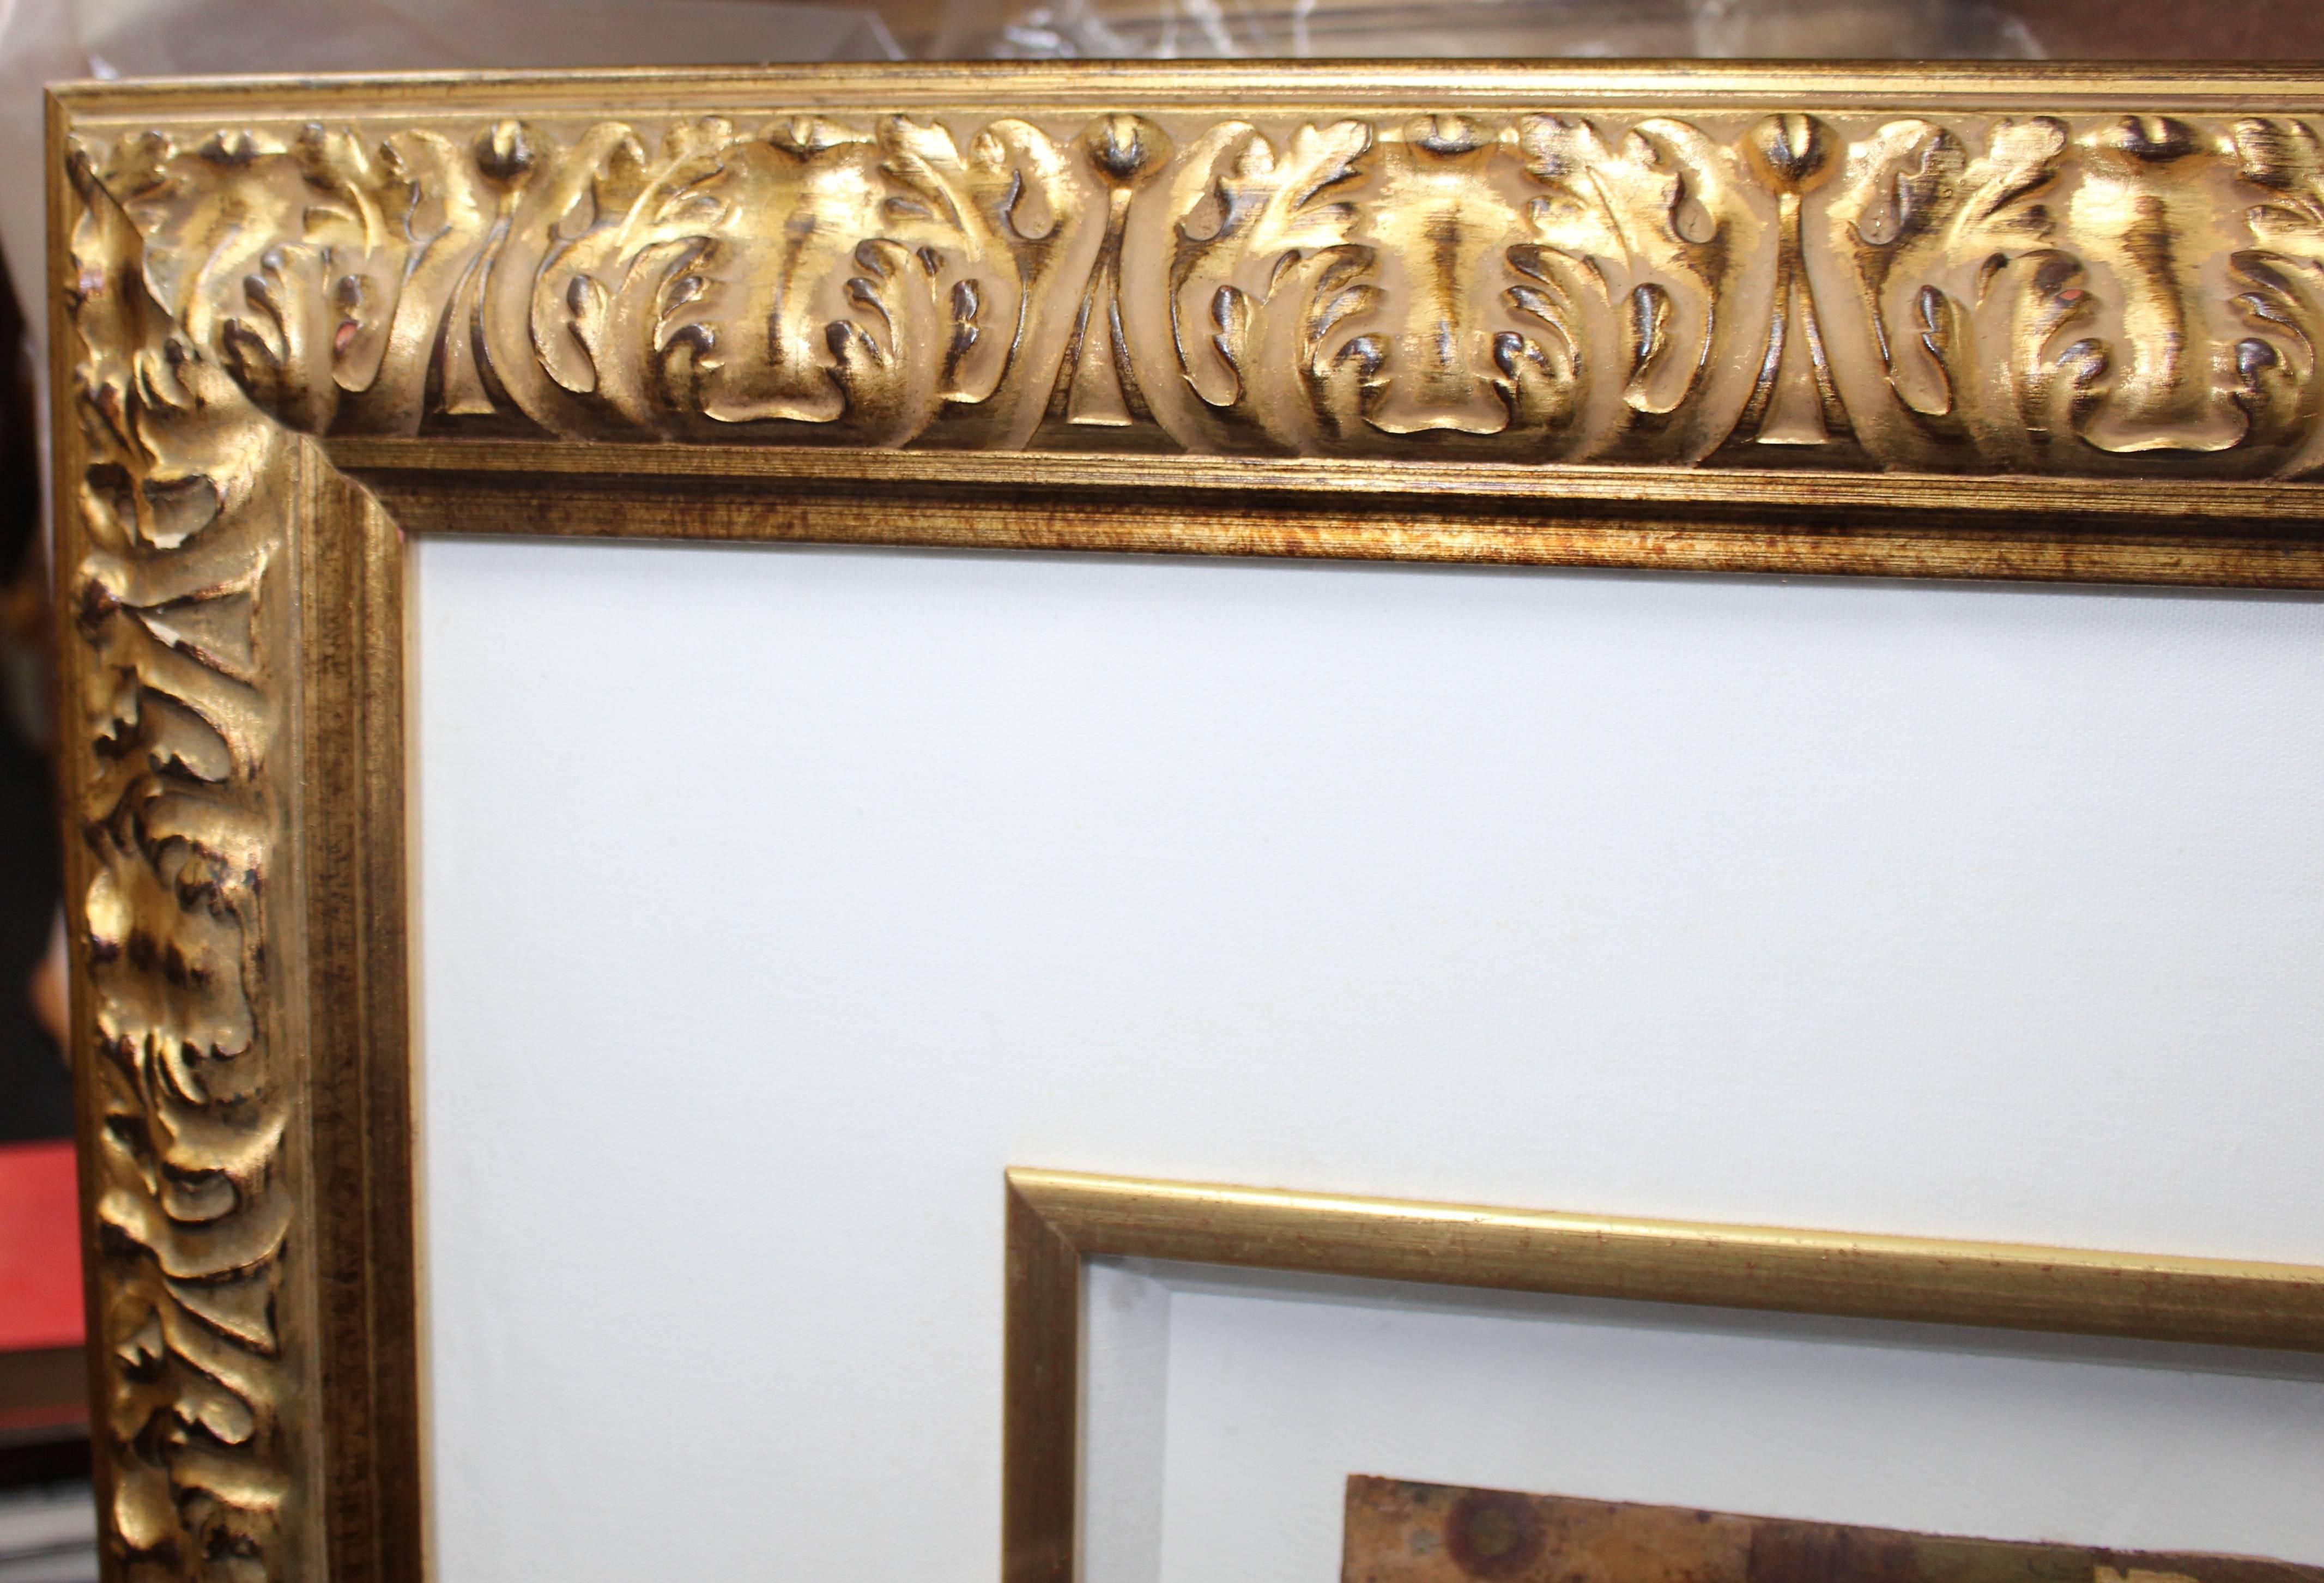 Mixed Media U0027Globeu0027 Artwork By S.Sokol Hohne Set In Carved Giltwood